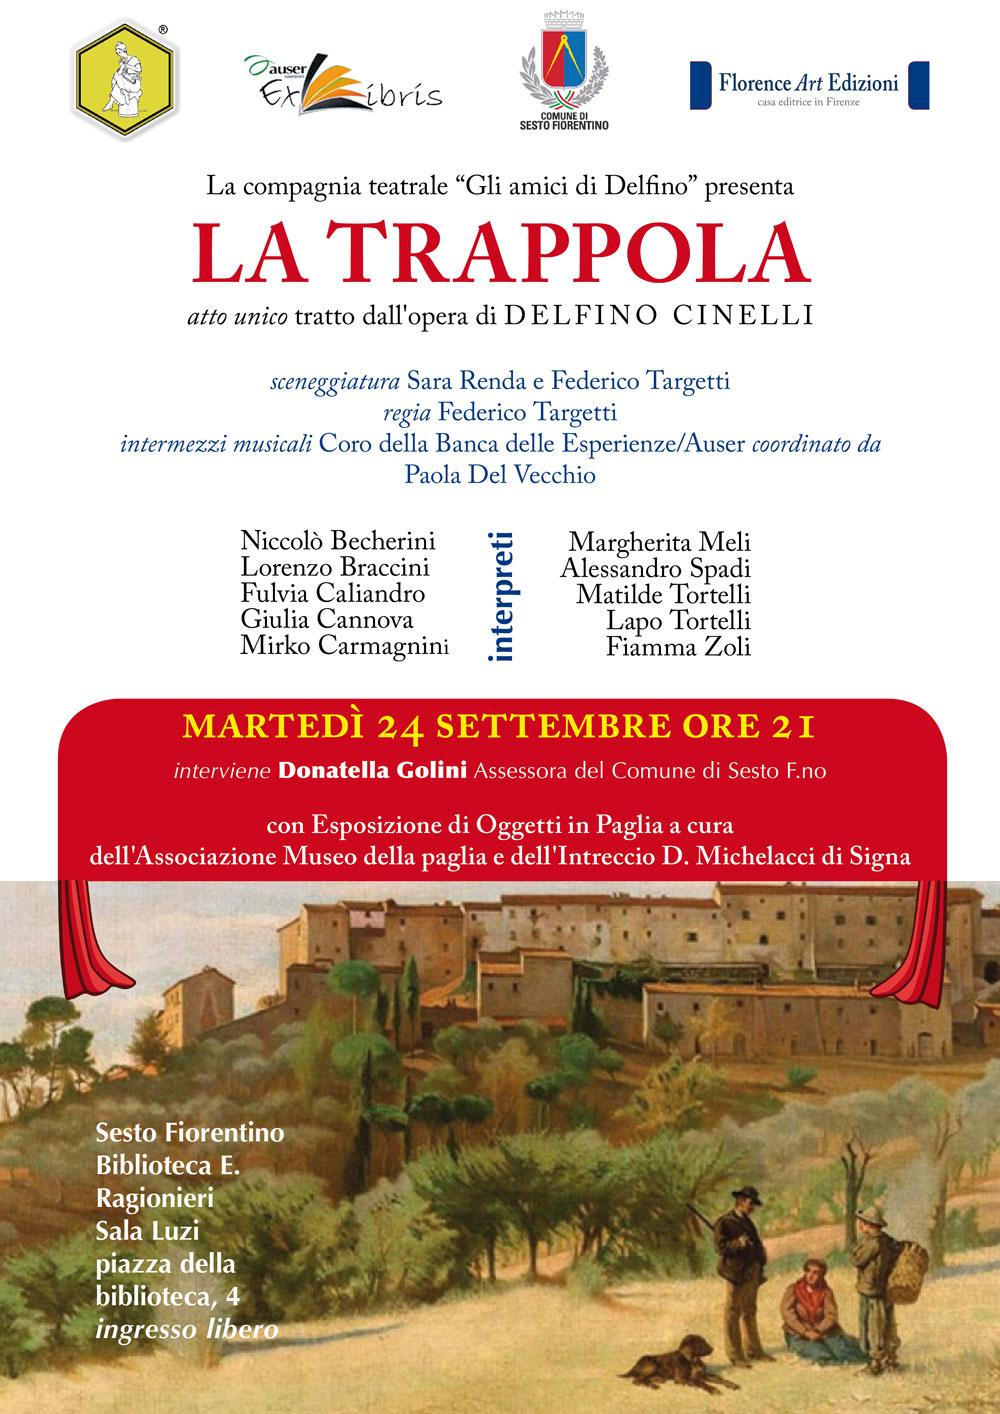 La Trappola Delfino Cinelli